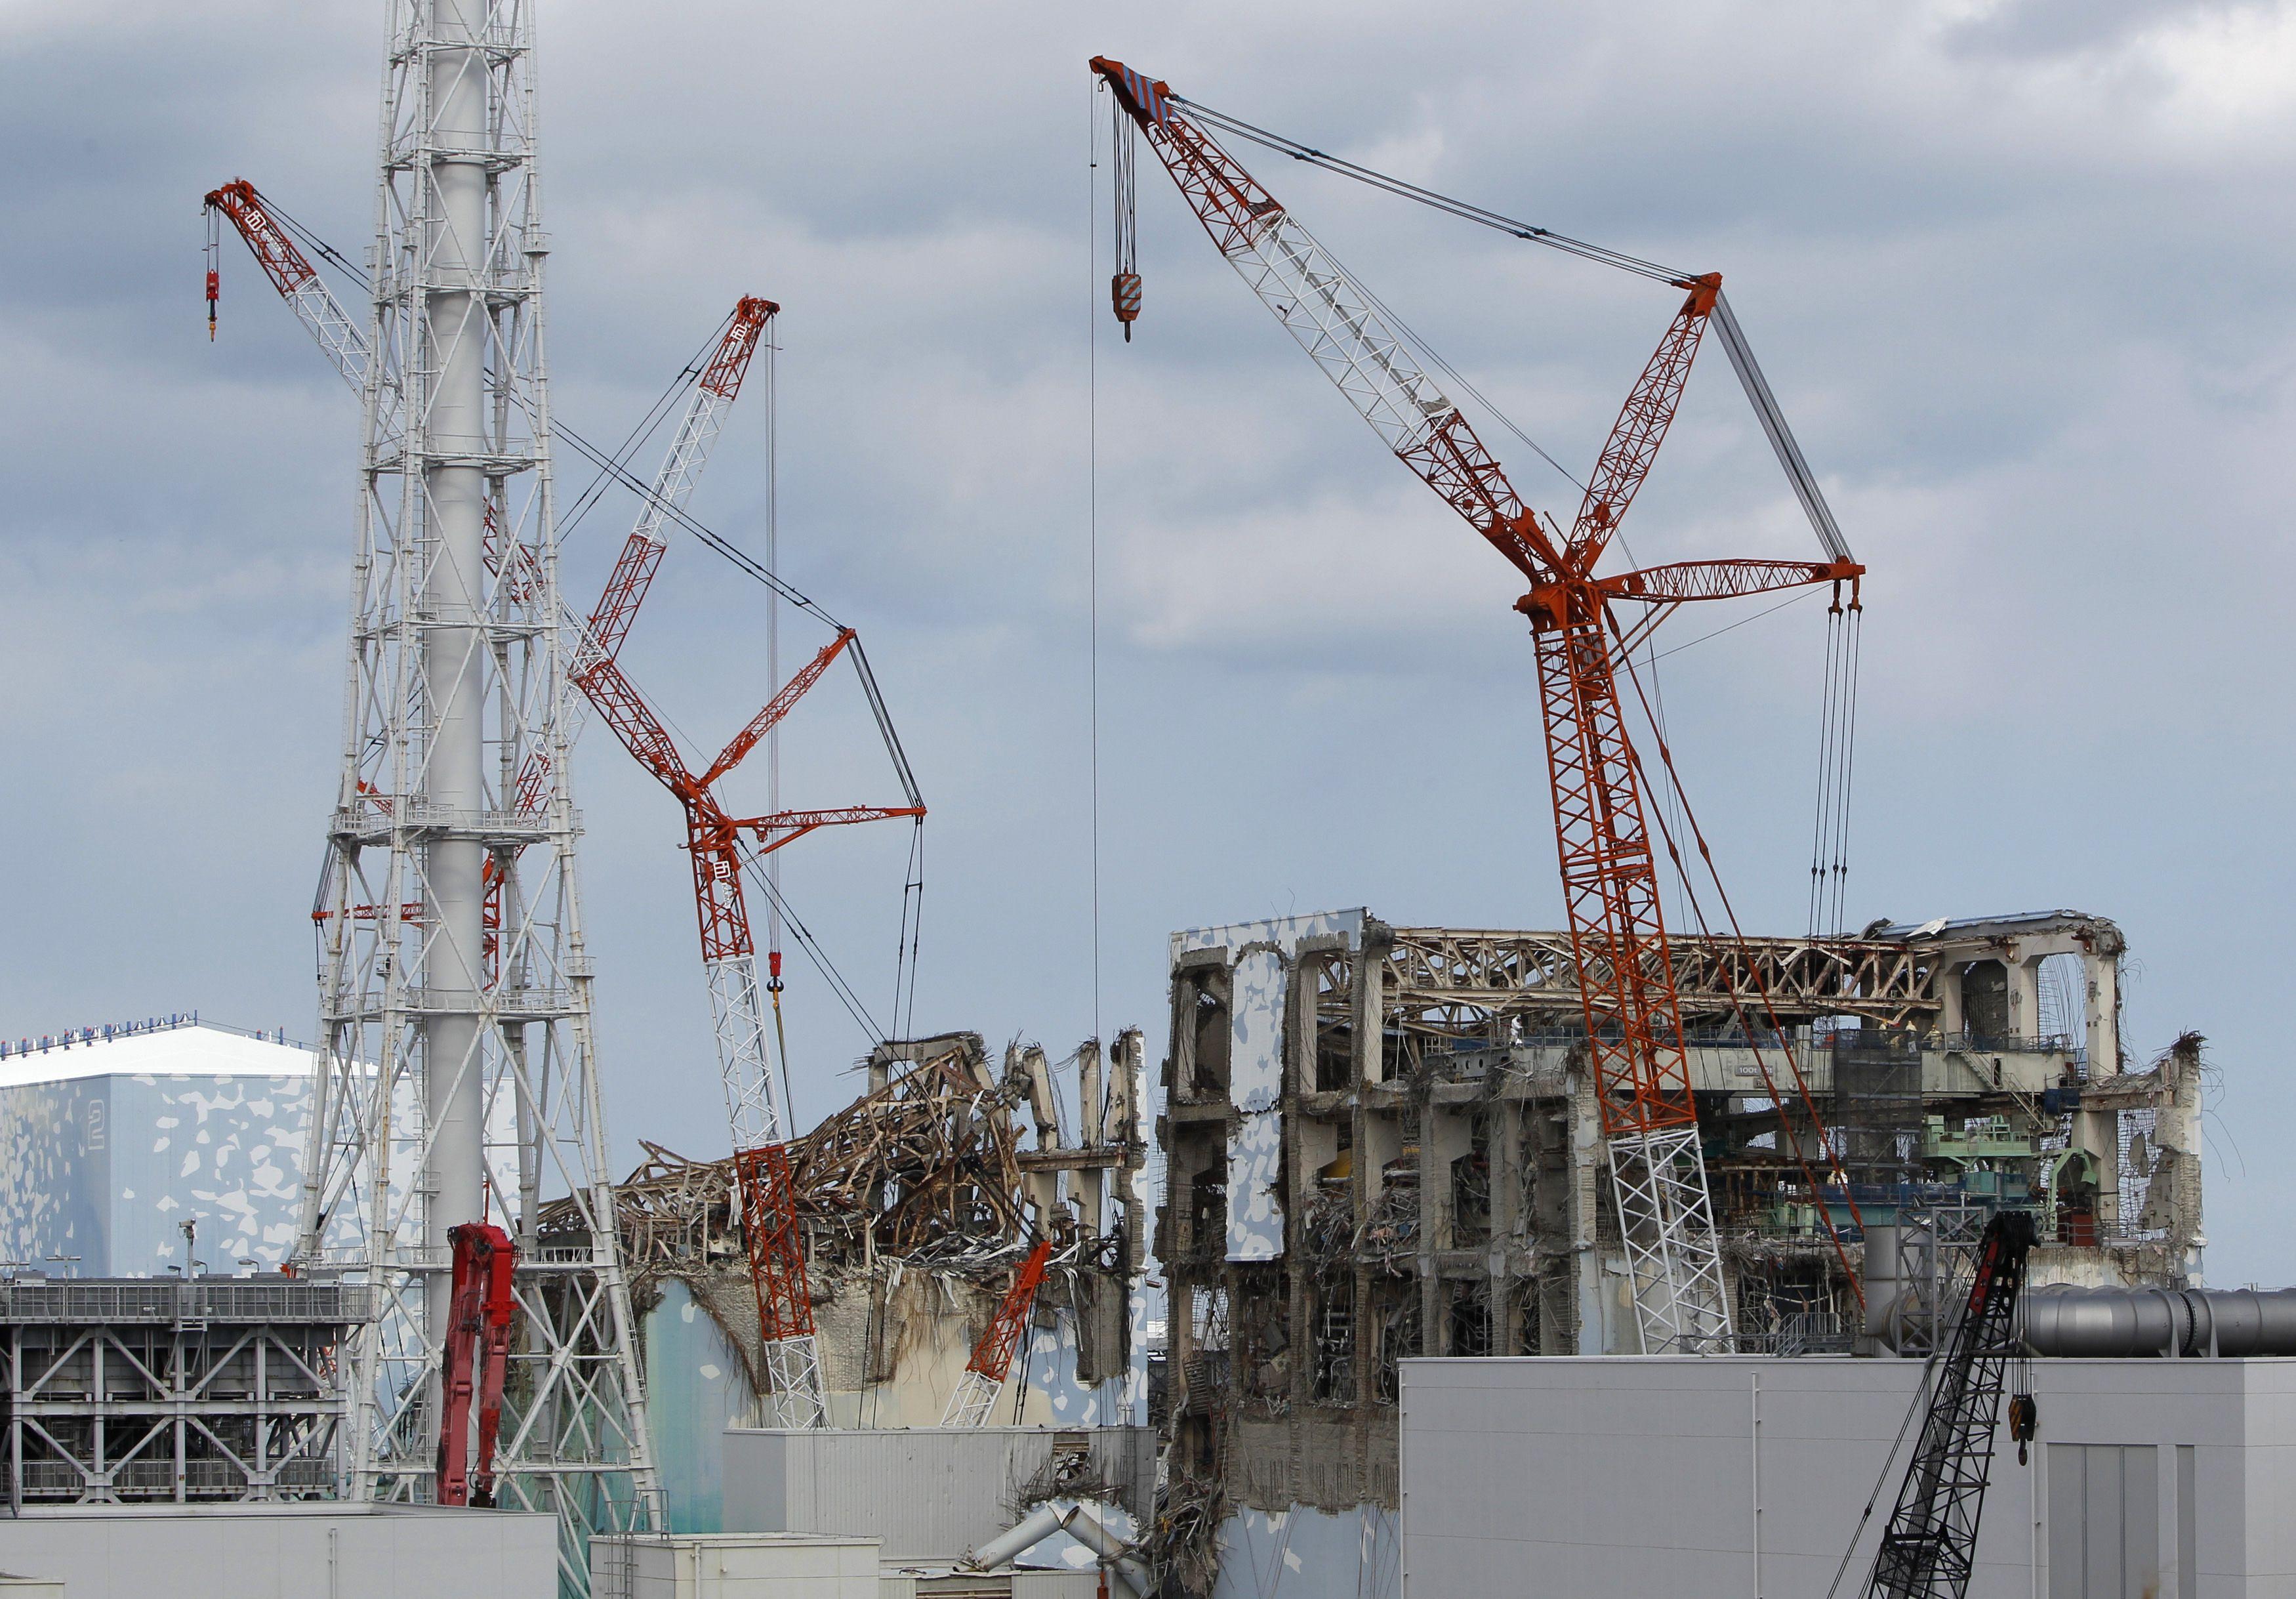 ญี่ปุ่น - ฟุกุชิมะ - โรงไฟฟ้านิวเคลียร์ - รอยเตอร์ส